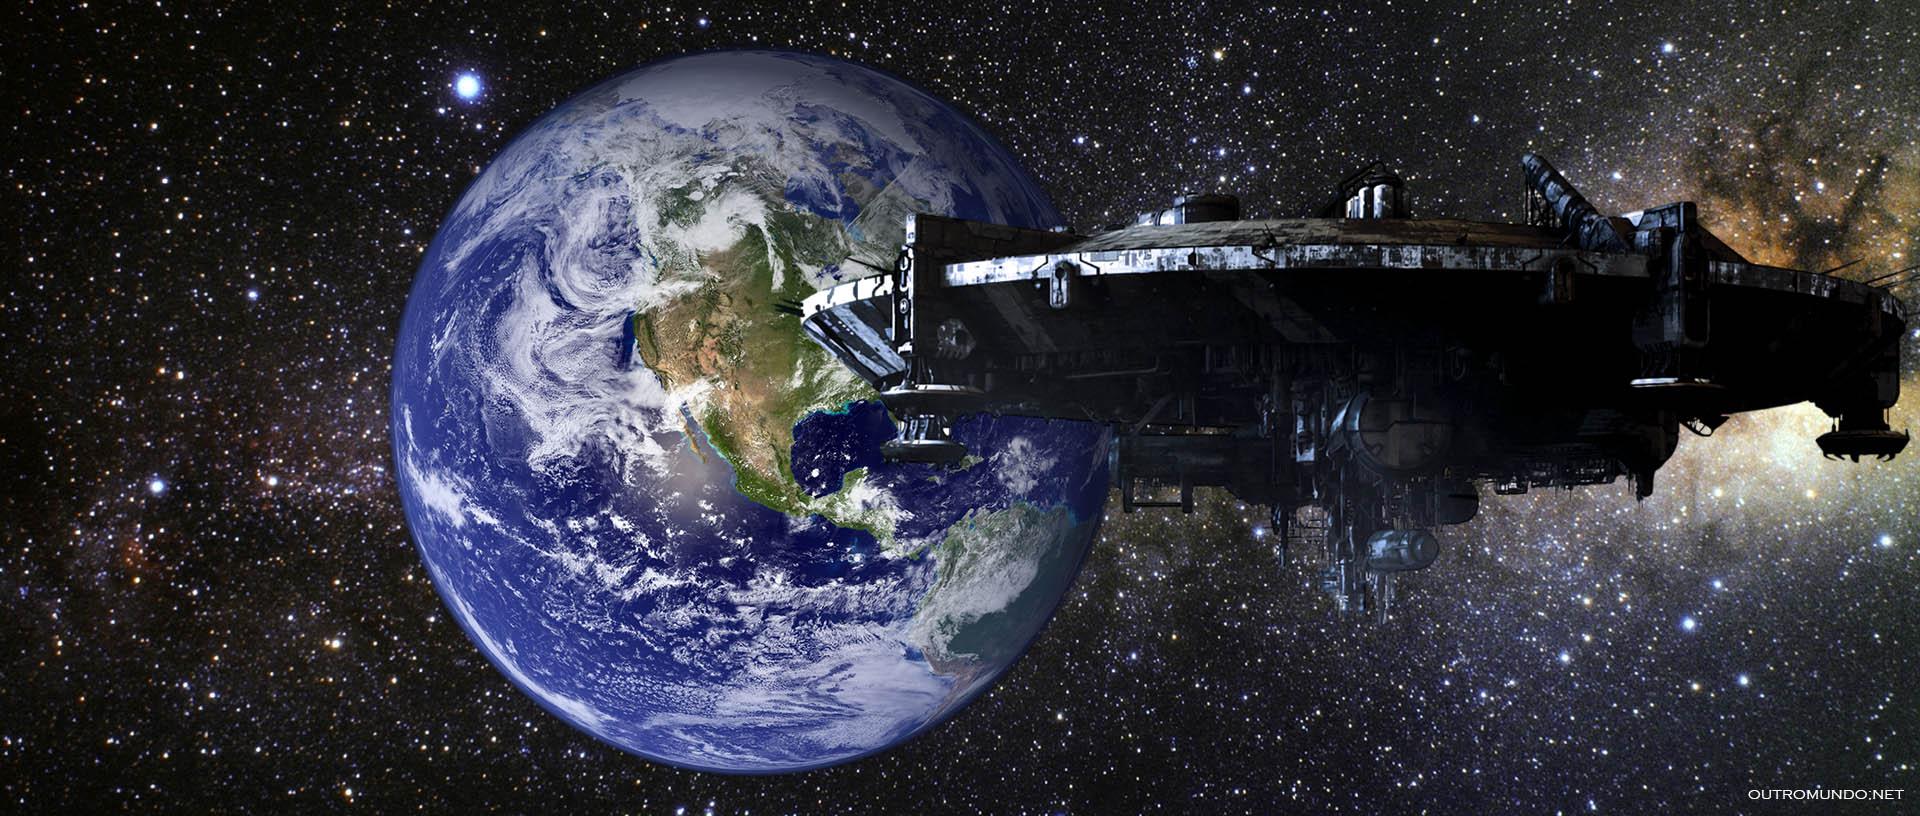 """Astrônomos espantados captam """"nave mãe"""" gigantesca no nosso sistema solar"""